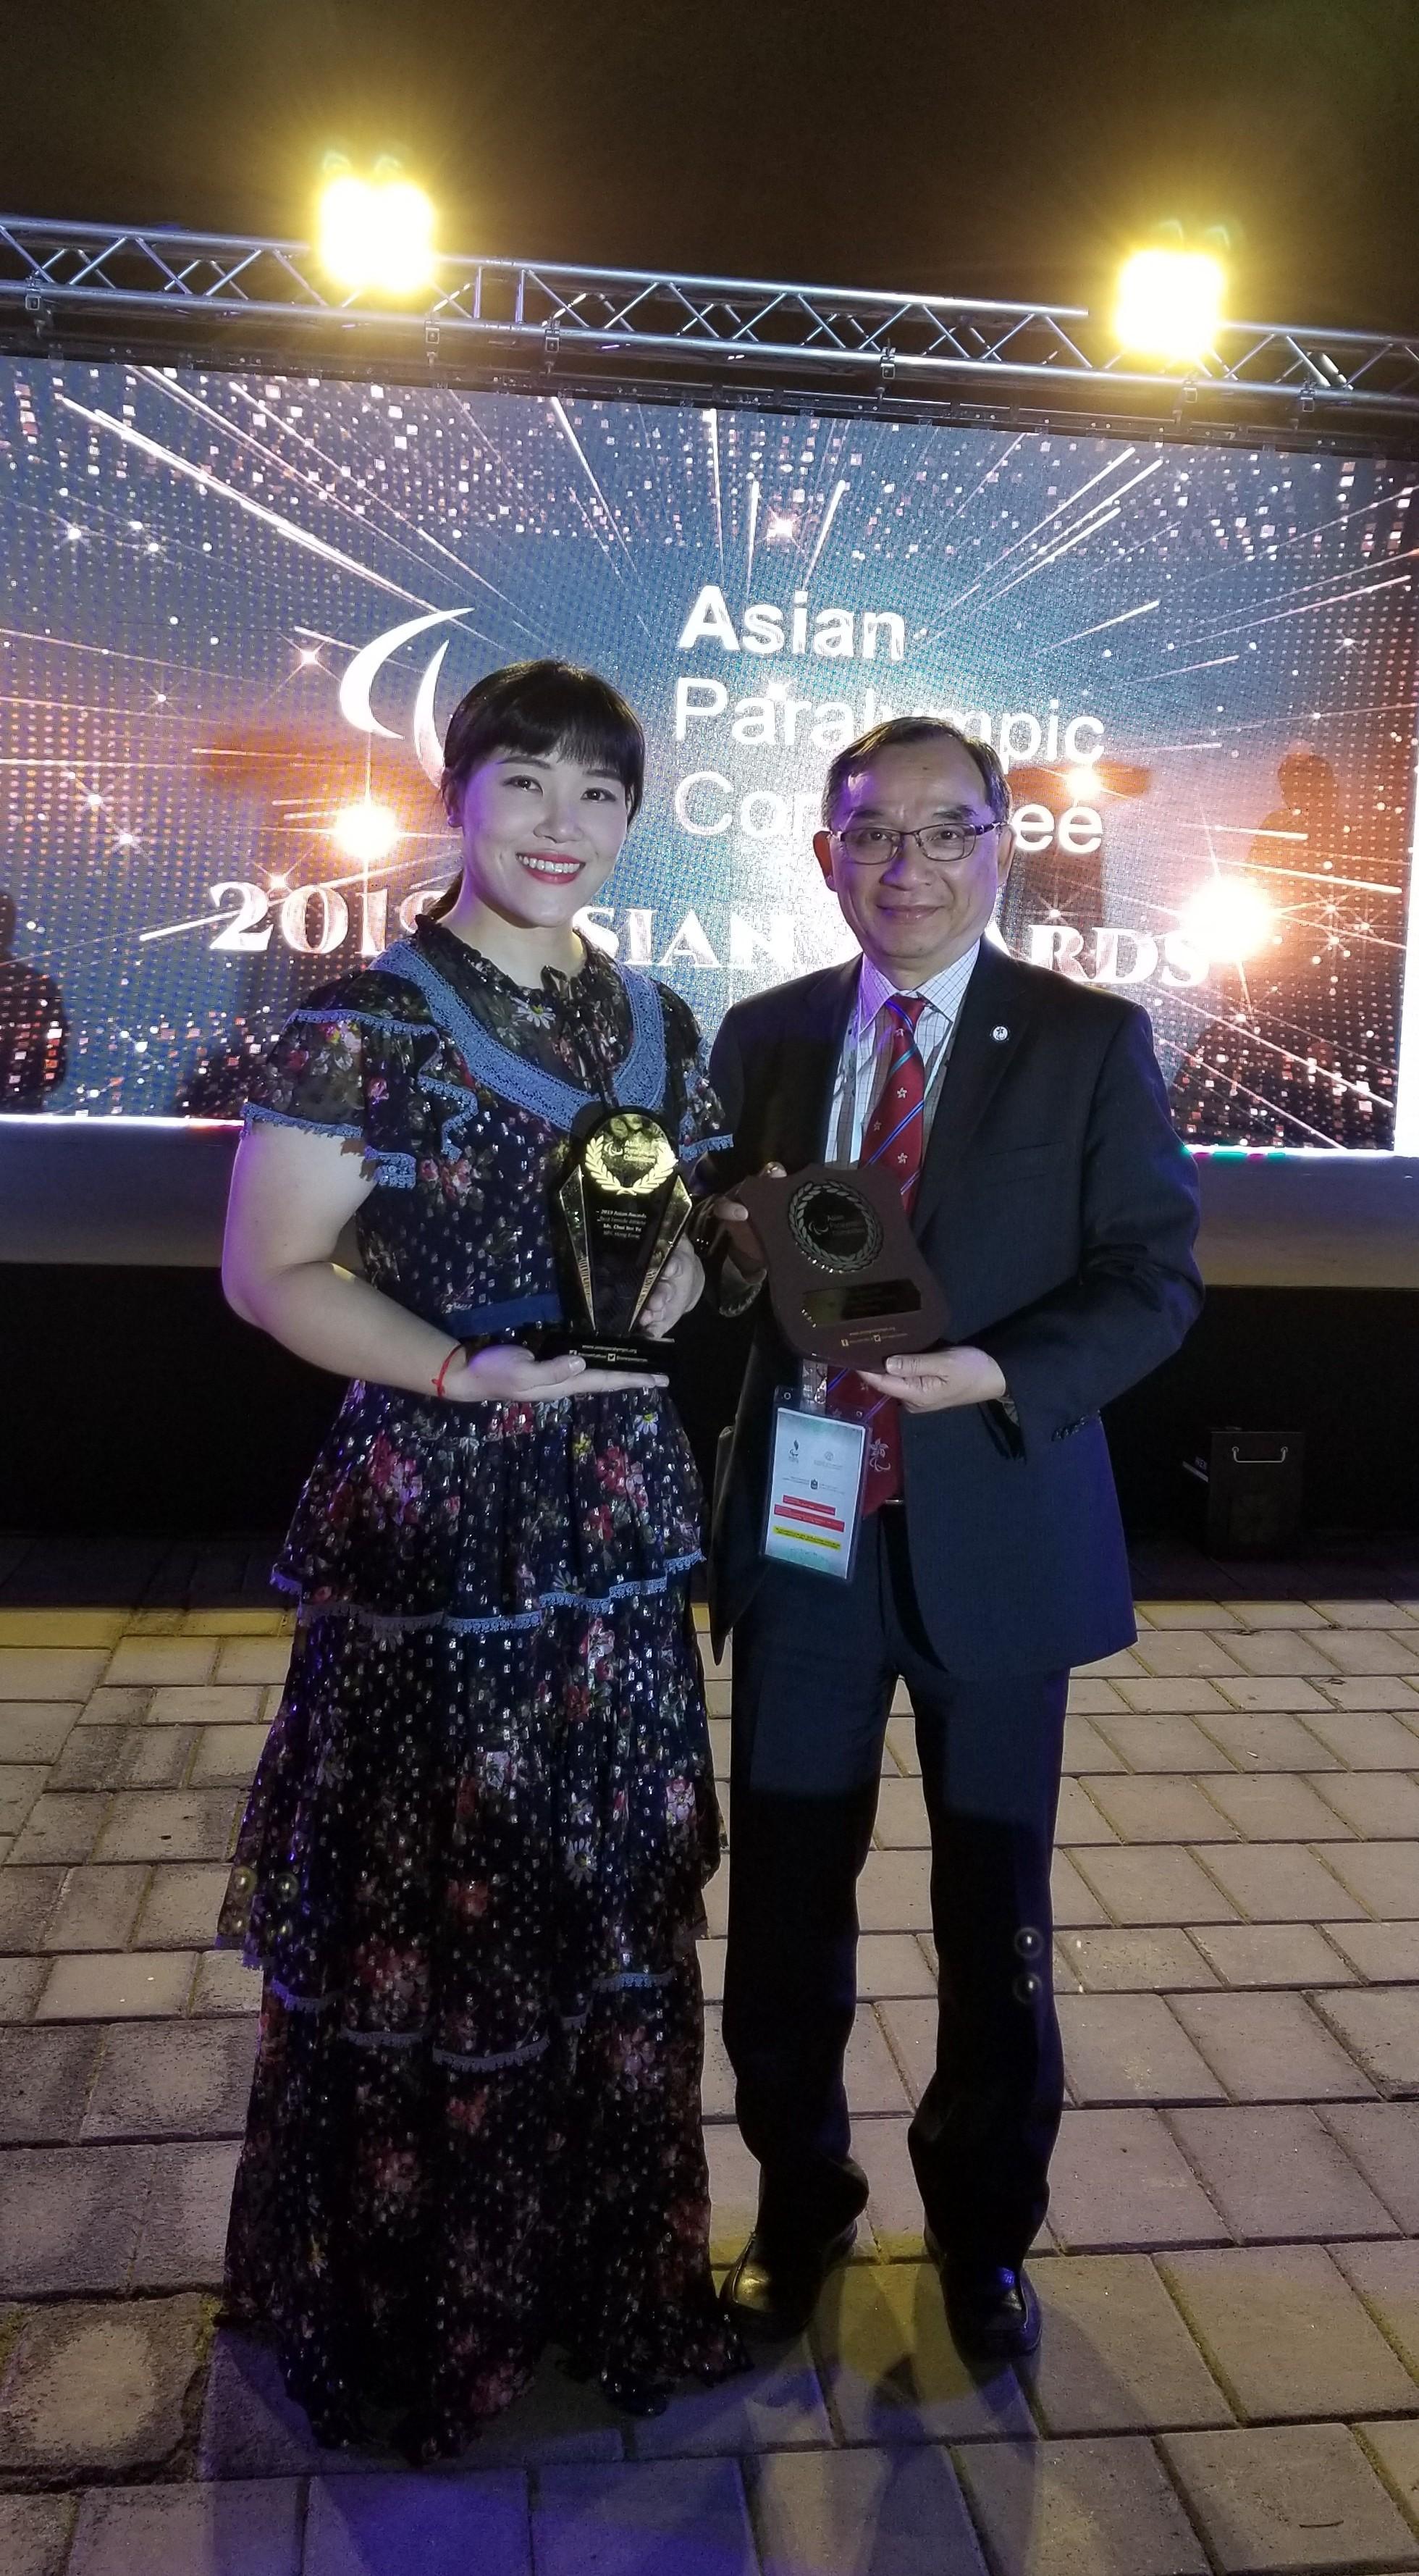 余翠怡(左)與林俊英獲亞洲殘疾人奧委會頒發獎項。相片由殘疾人奧委會供